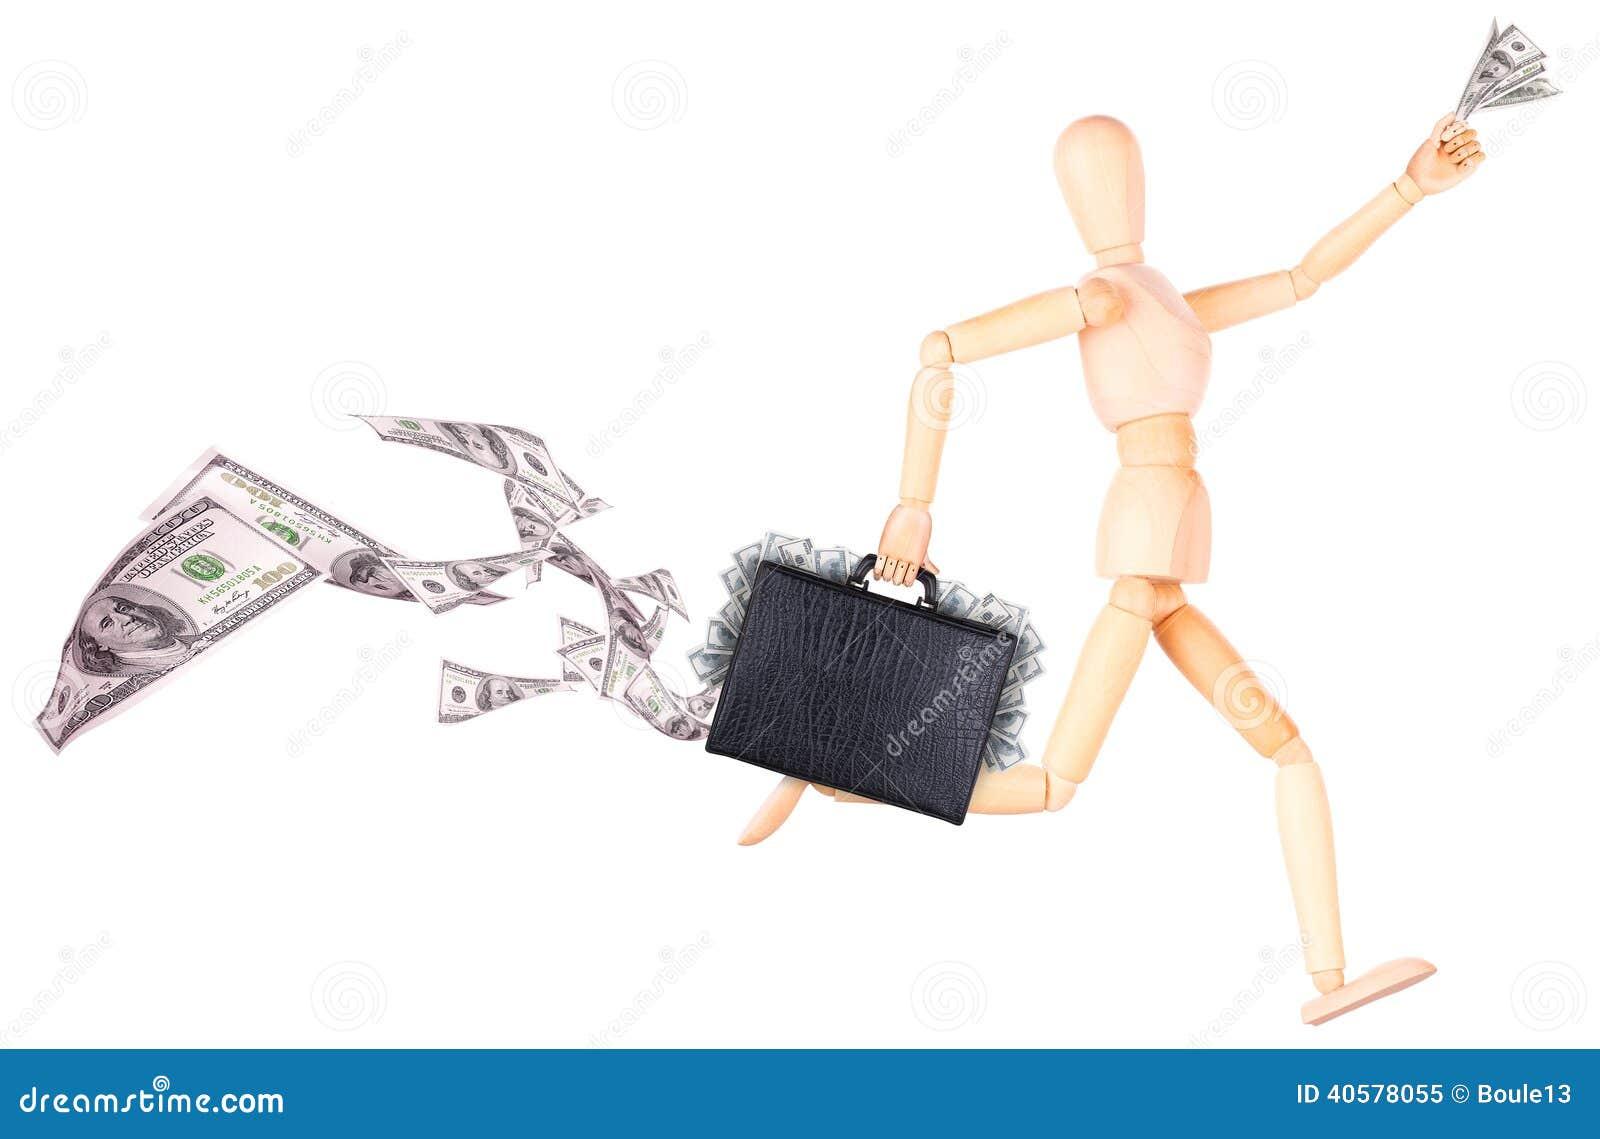 Бизнесмен держа случай с деньгами